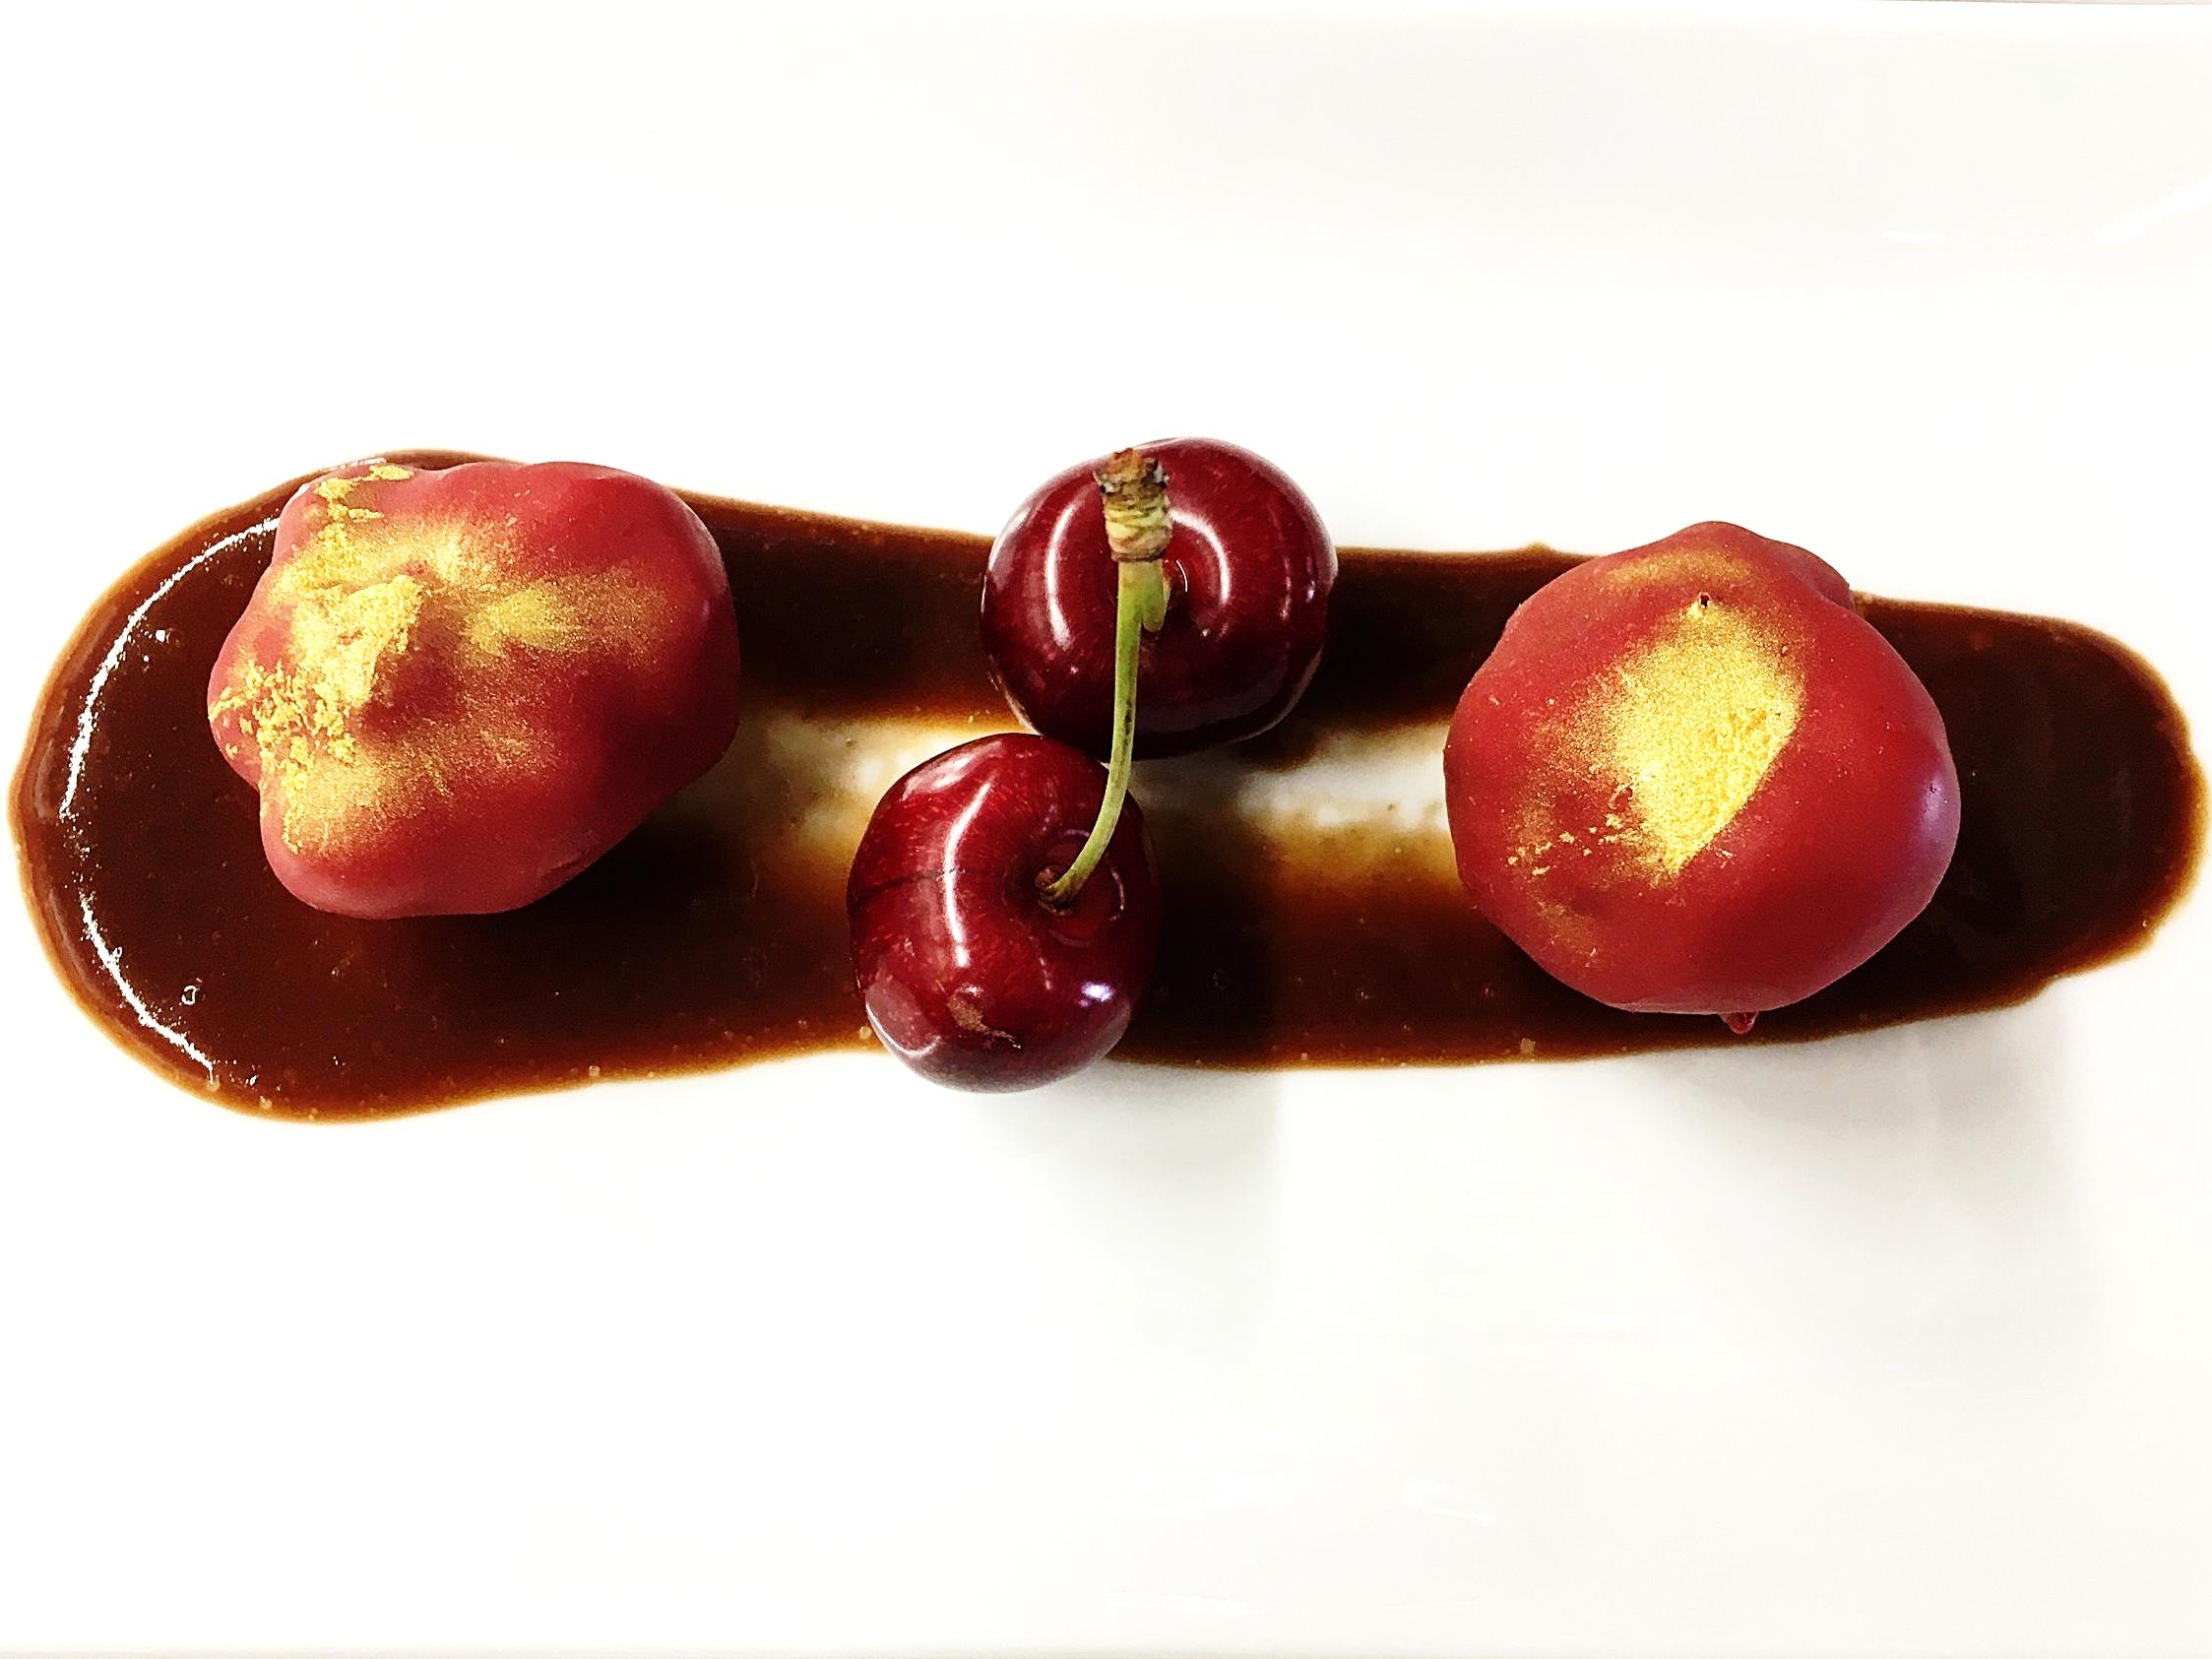 Bombons de chocolate branco e foie-gras recheados com cereja de Alfândega da Fé - Ano 2017